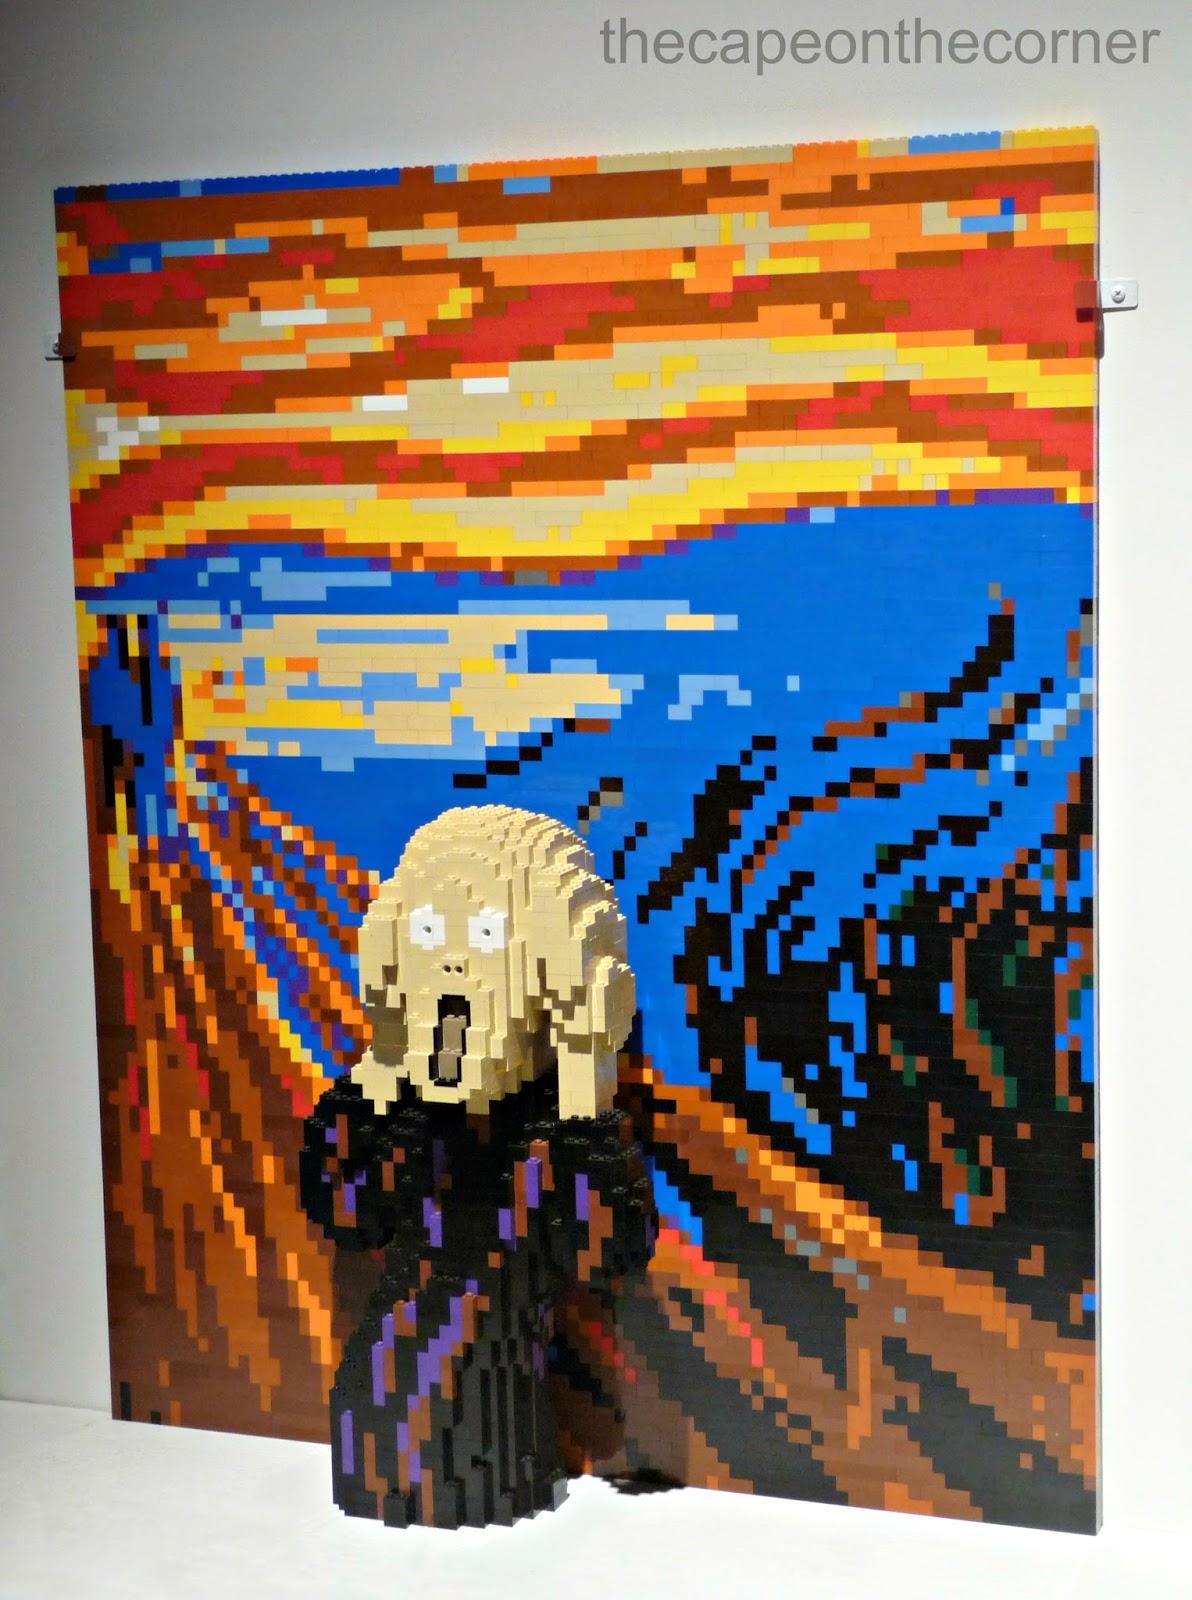 thecapeonthecorner.blogspot.com